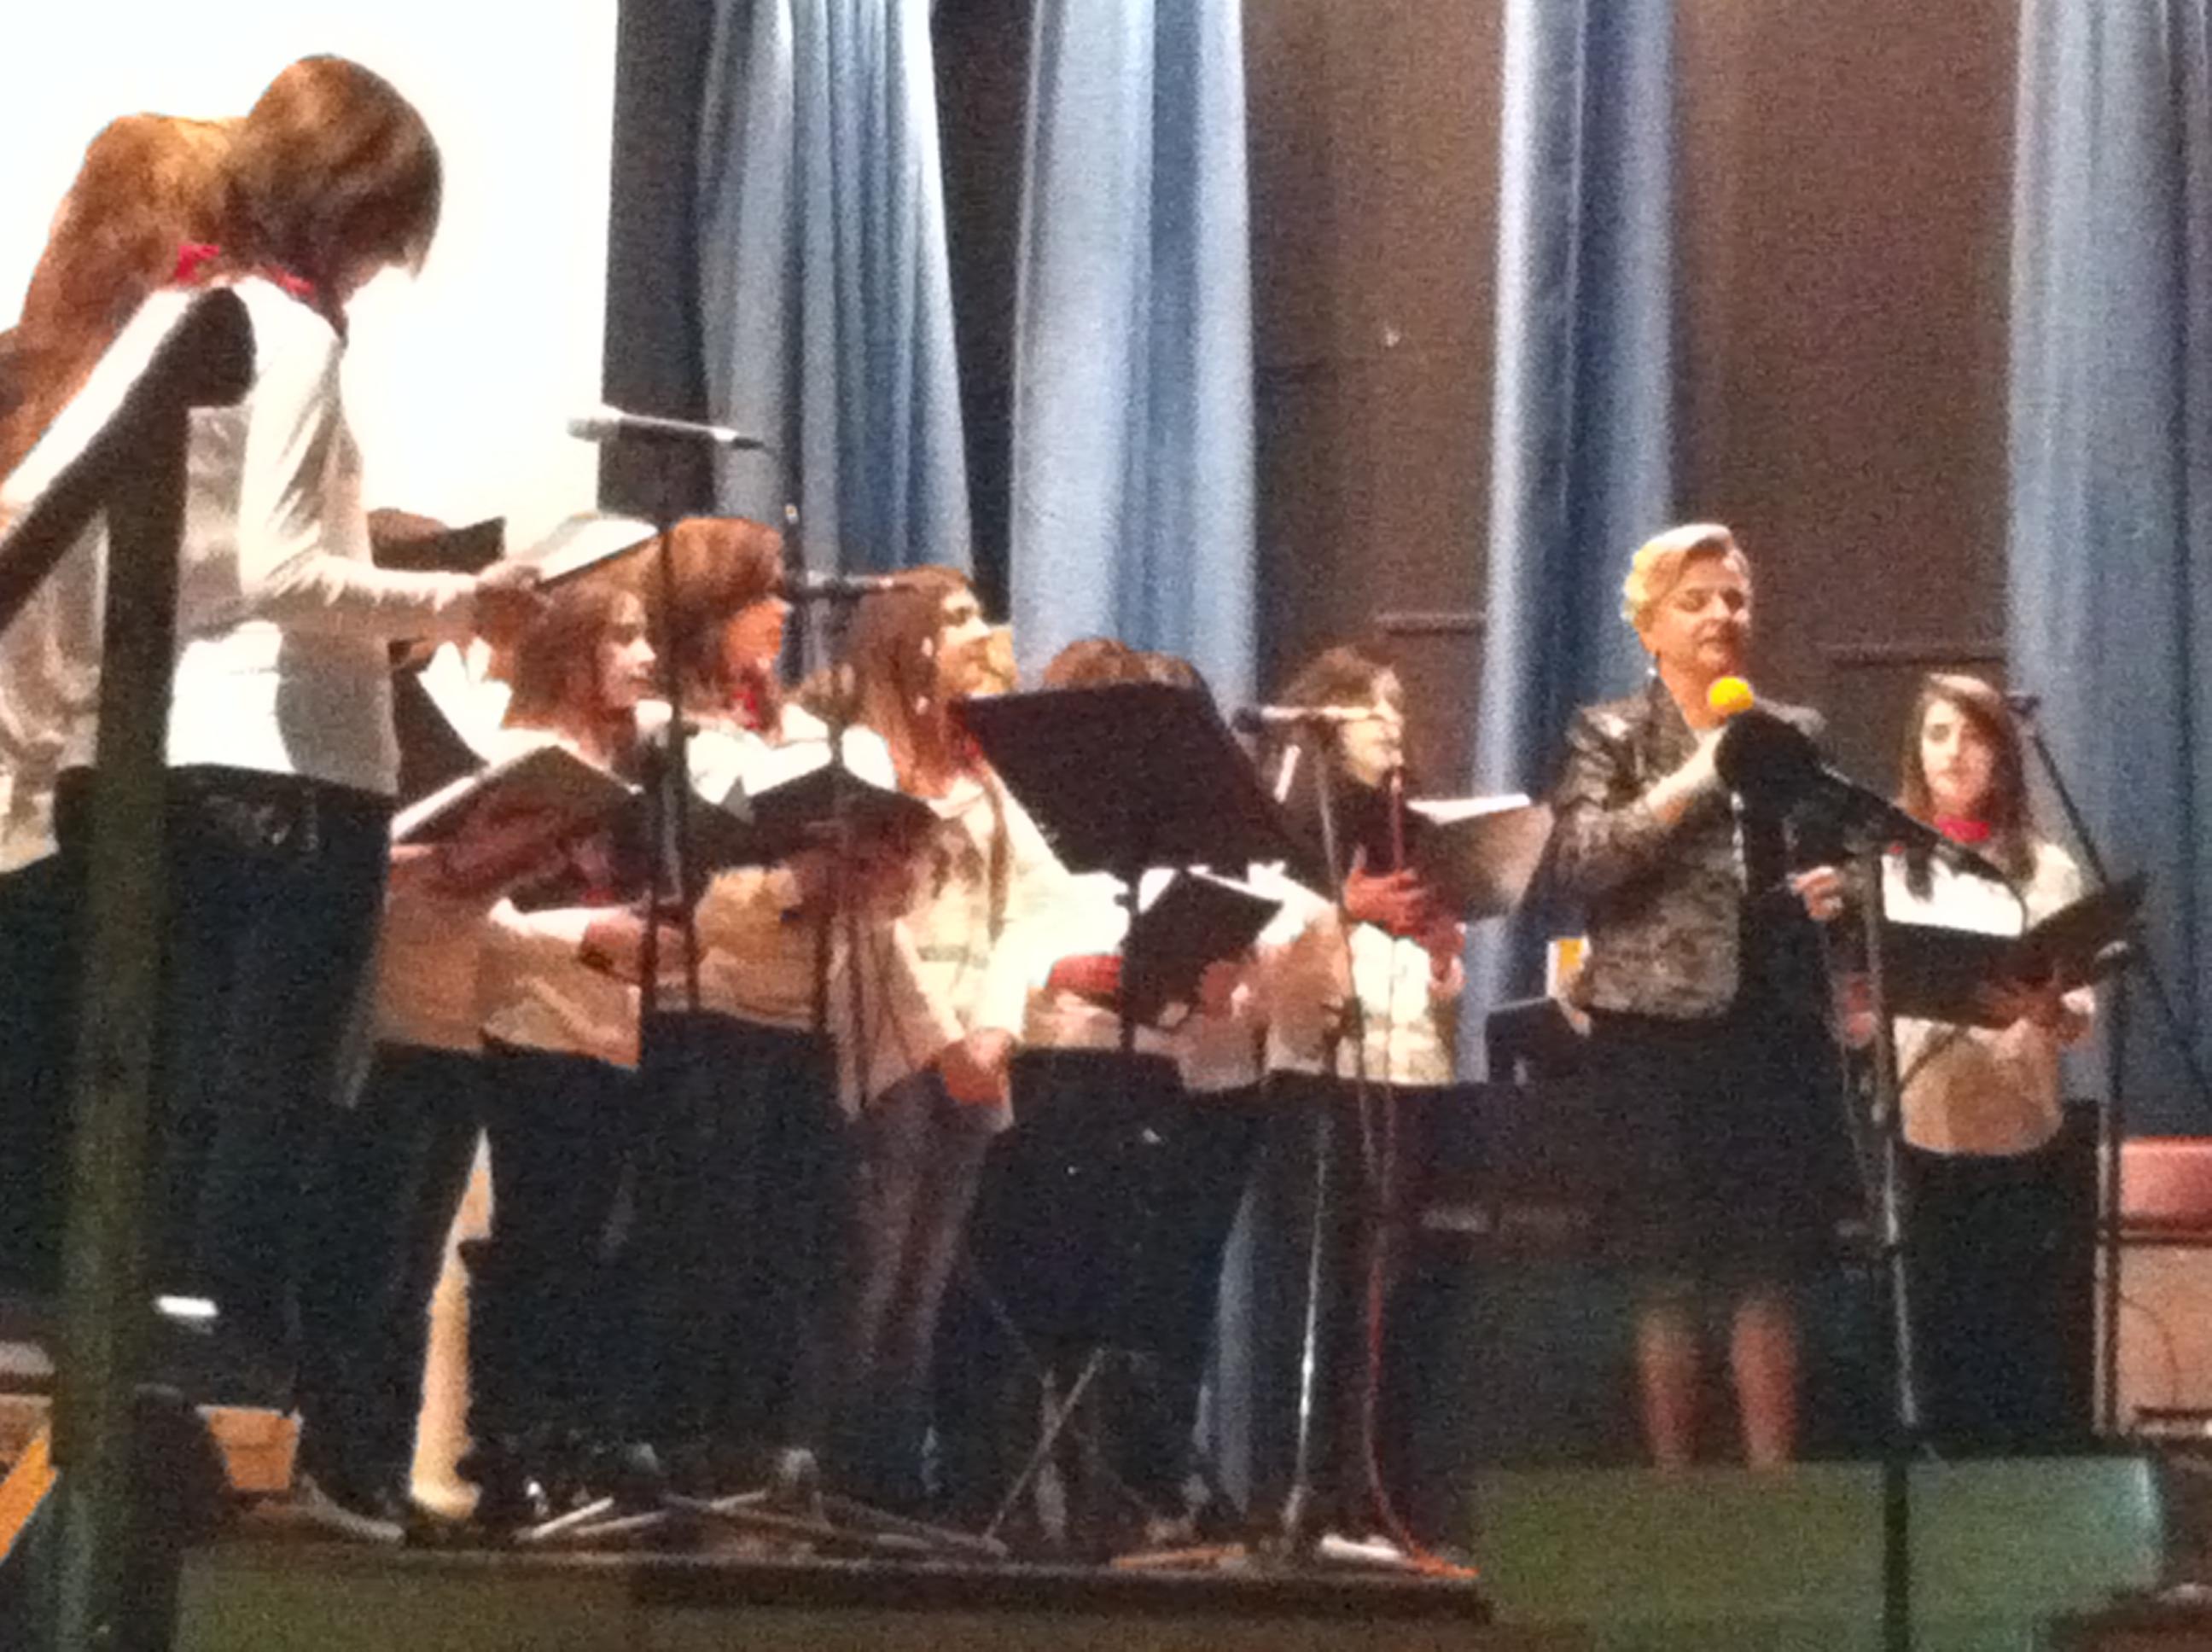 Χριστουγεννιάτικη συναυλία 10ου Γυμνασίου